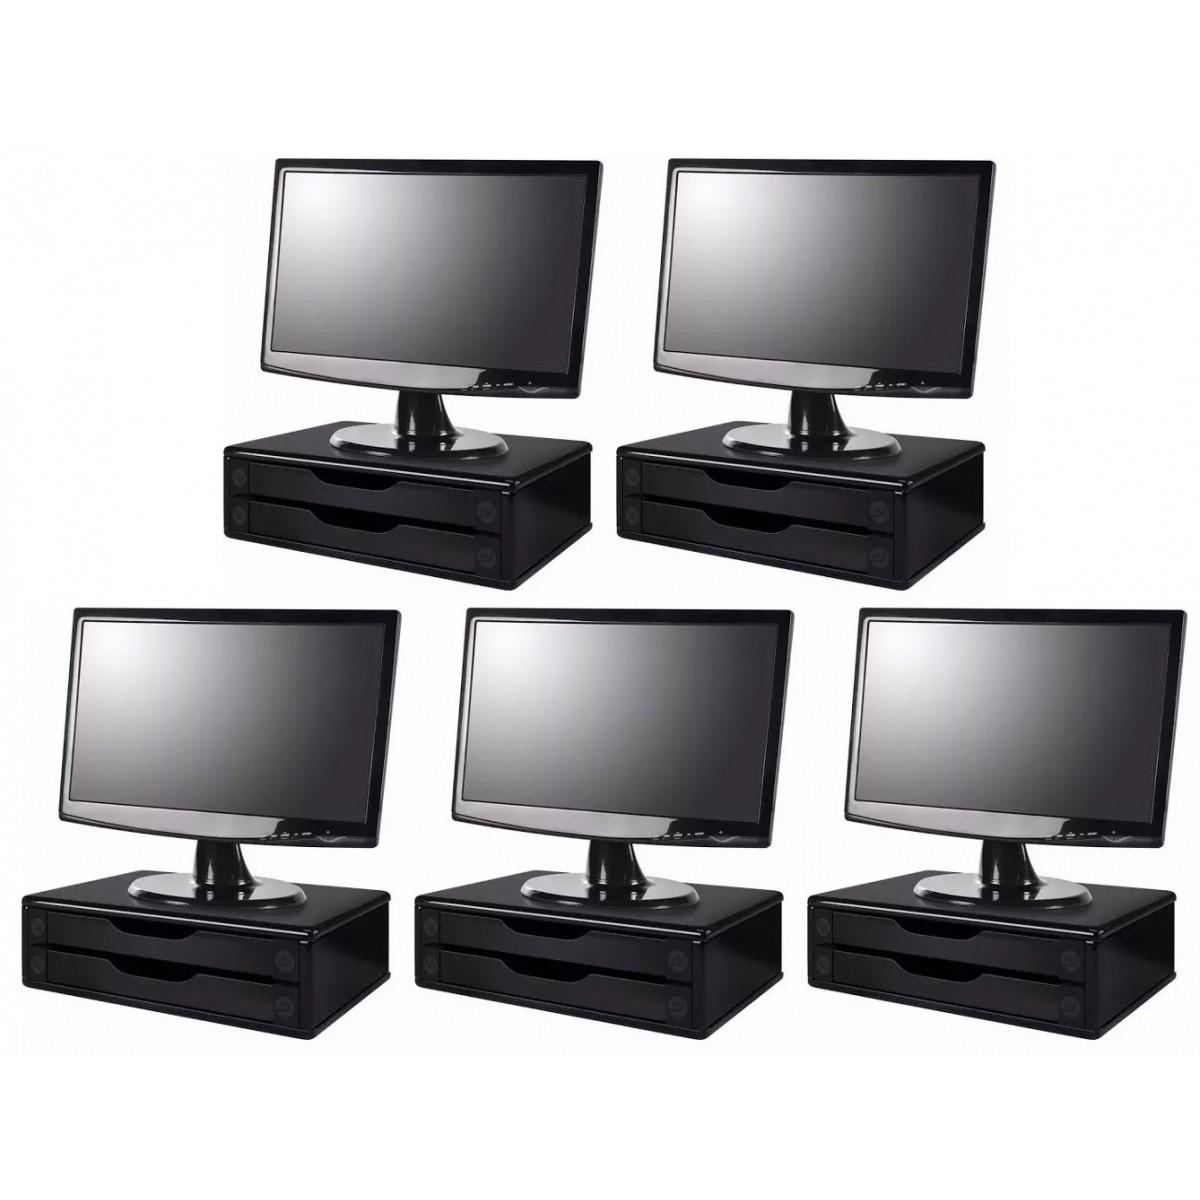 Conj com 5 Suportes Para Monitor em MDF Black Piano 2 Gavetas Black Piano Souza Referência 3346